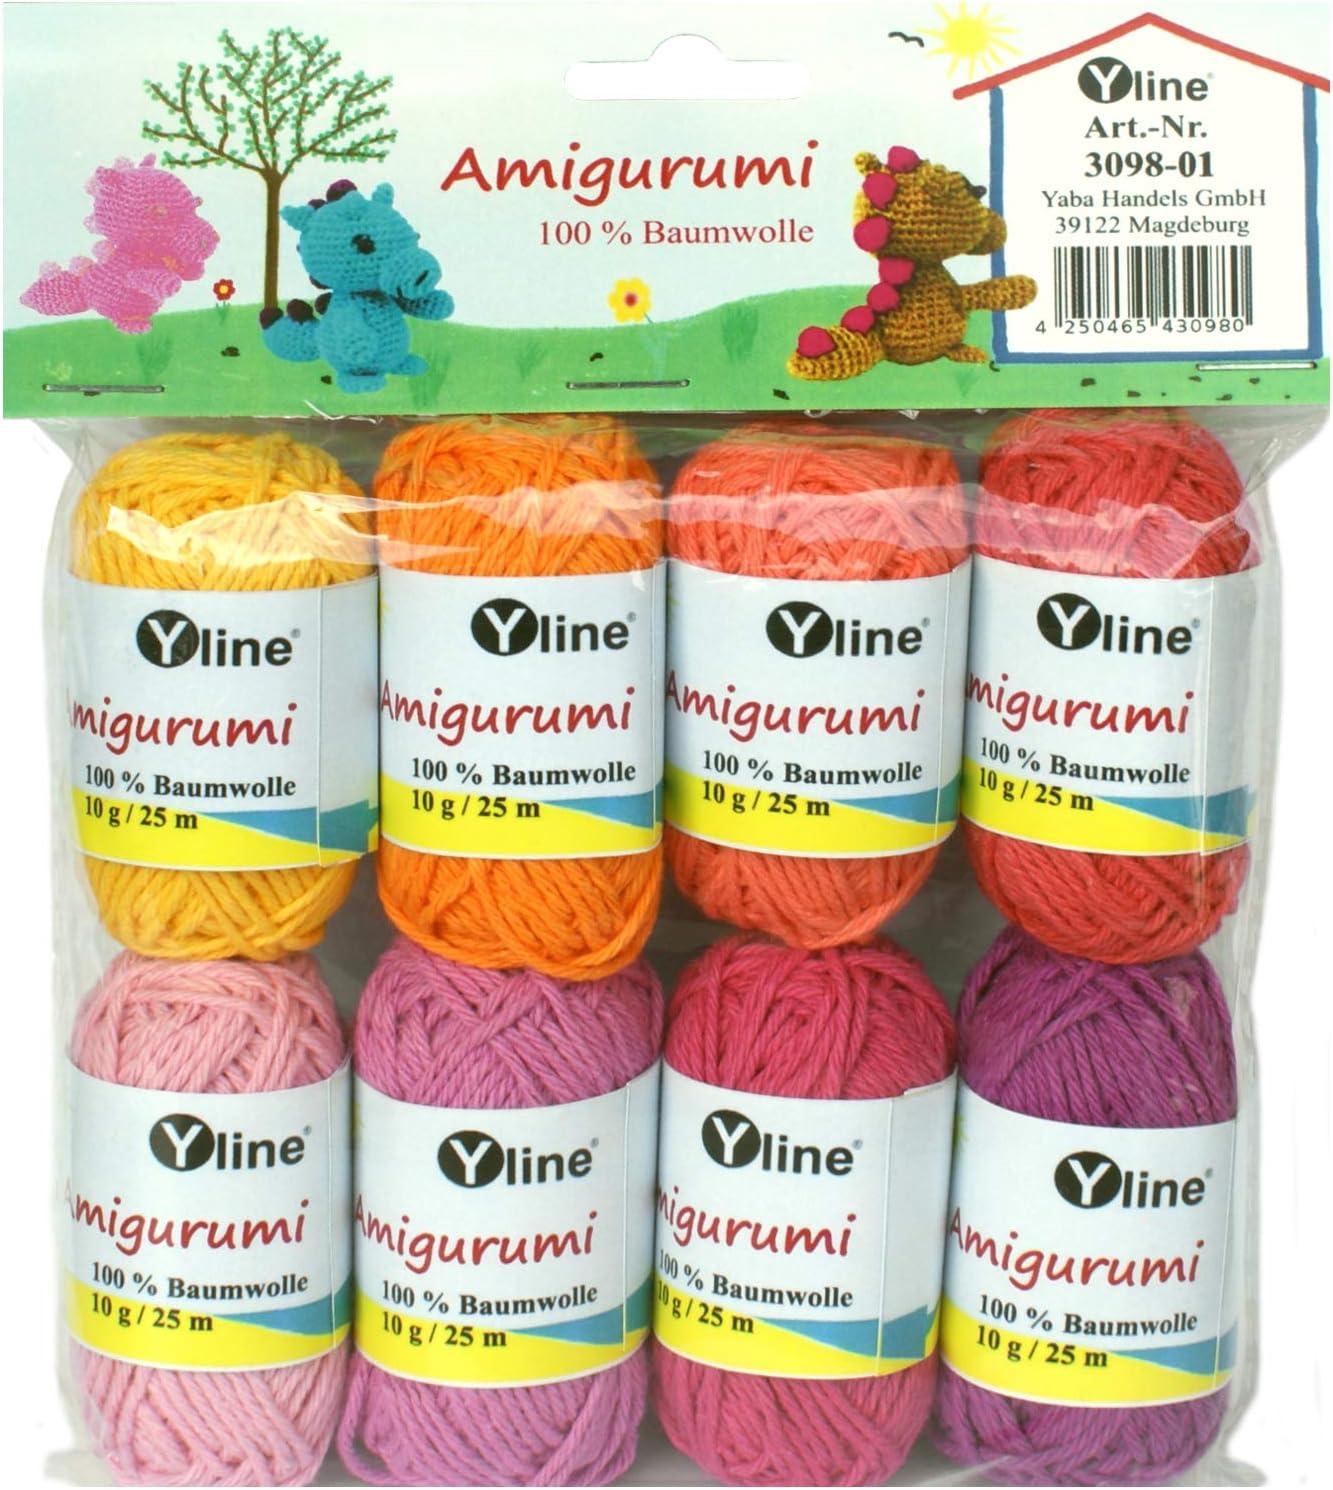 Juego de ovillos de lana Amigurumi de Yline. 10 g, 100% algodón, hilo, lana de punto, hilo de ganchillo, 3098-01: Amazon.es: Hogar